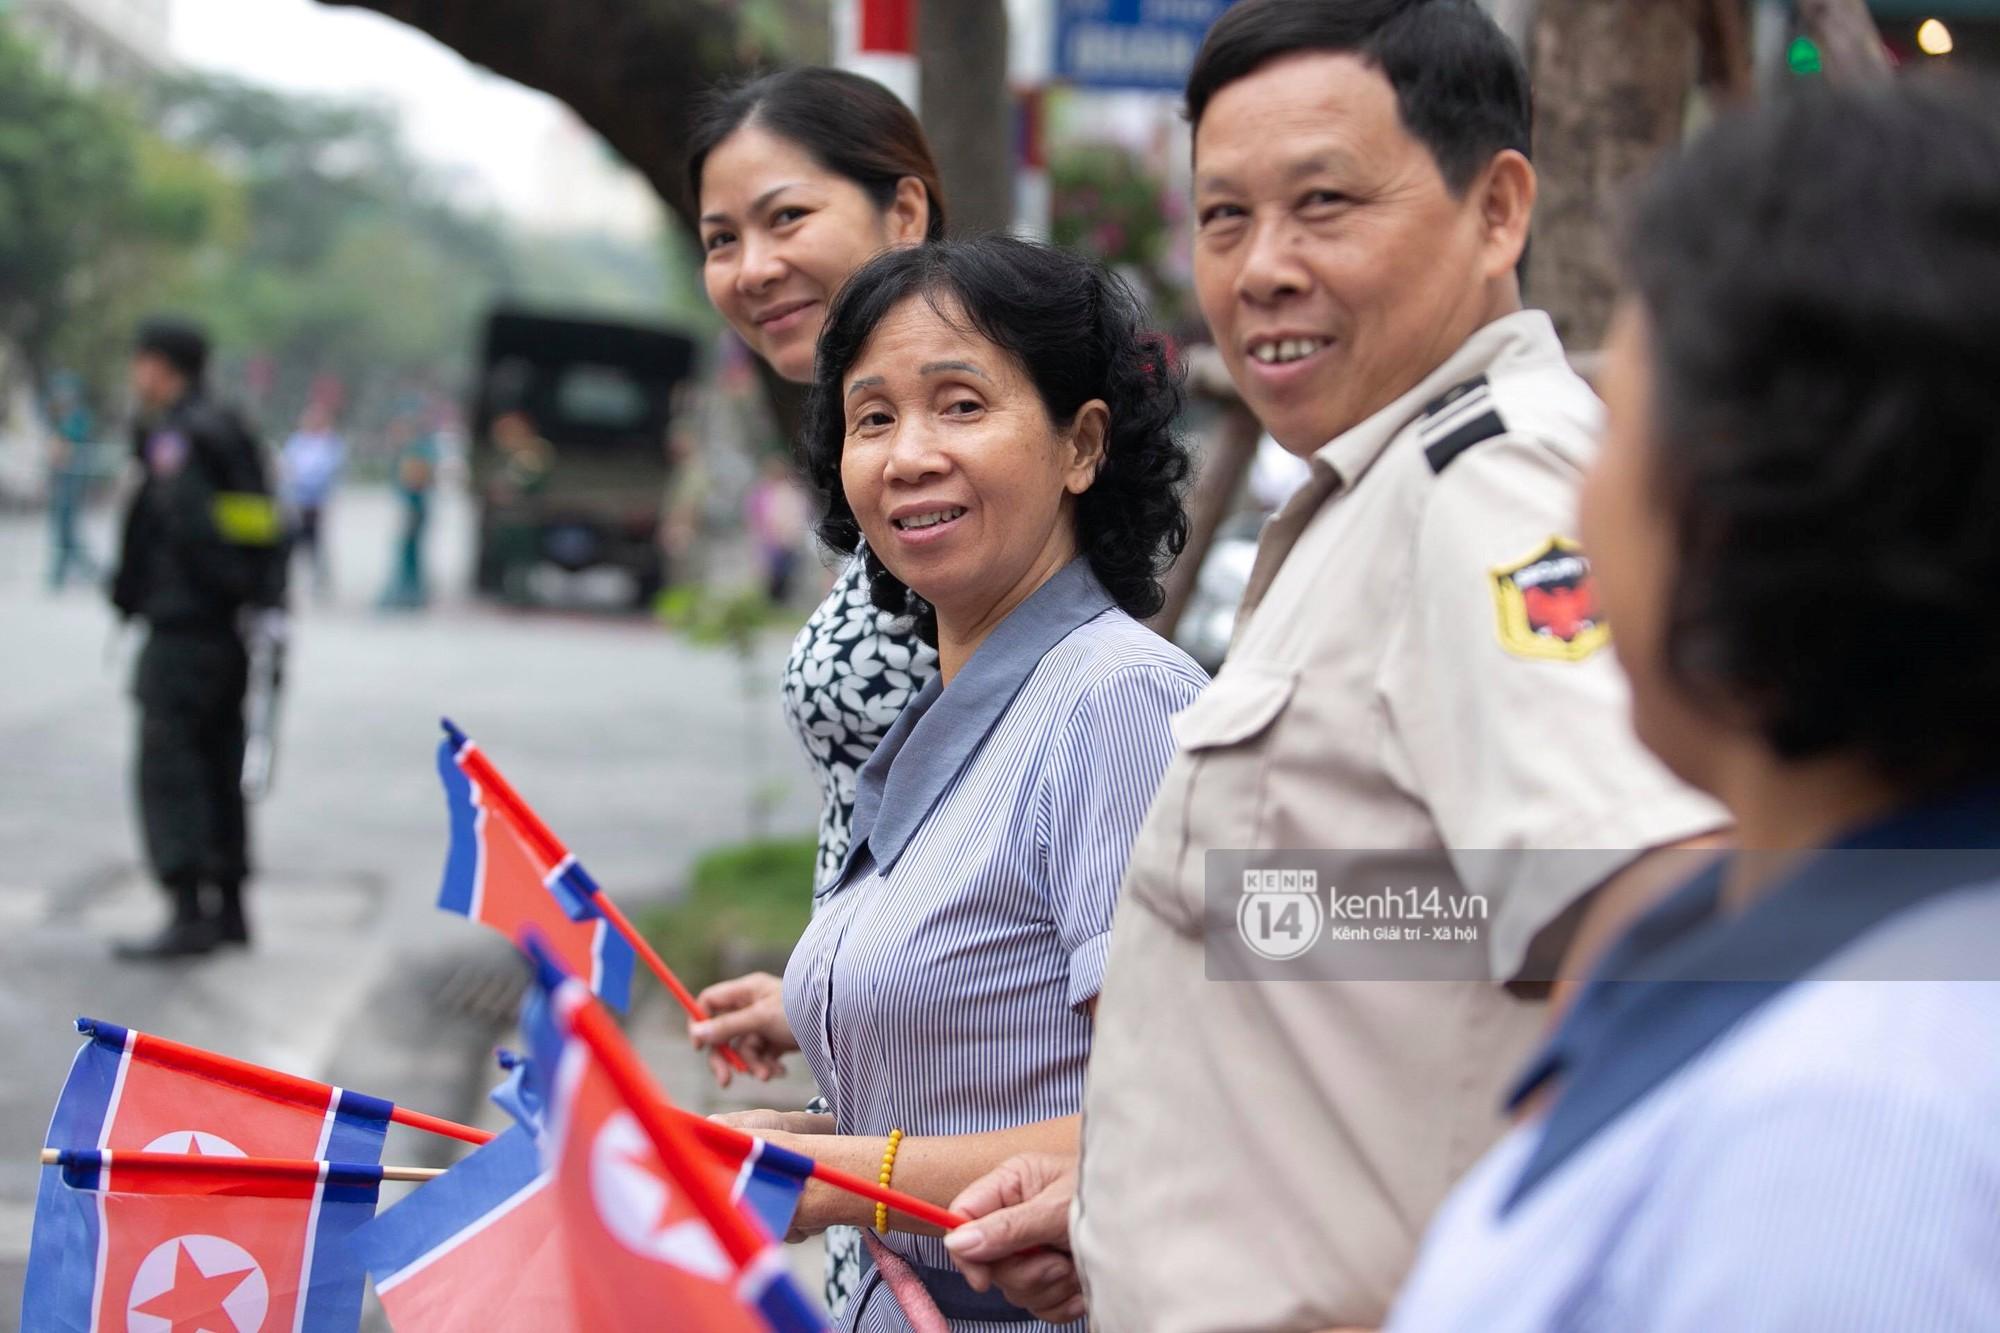 Chủ tịch Kim Jong-un vẫy tay chào người dân, đang trên đường viếng đài liệt sĩ và lăng Chủ tịch Hồ Chí Minh - Ảnh 11.